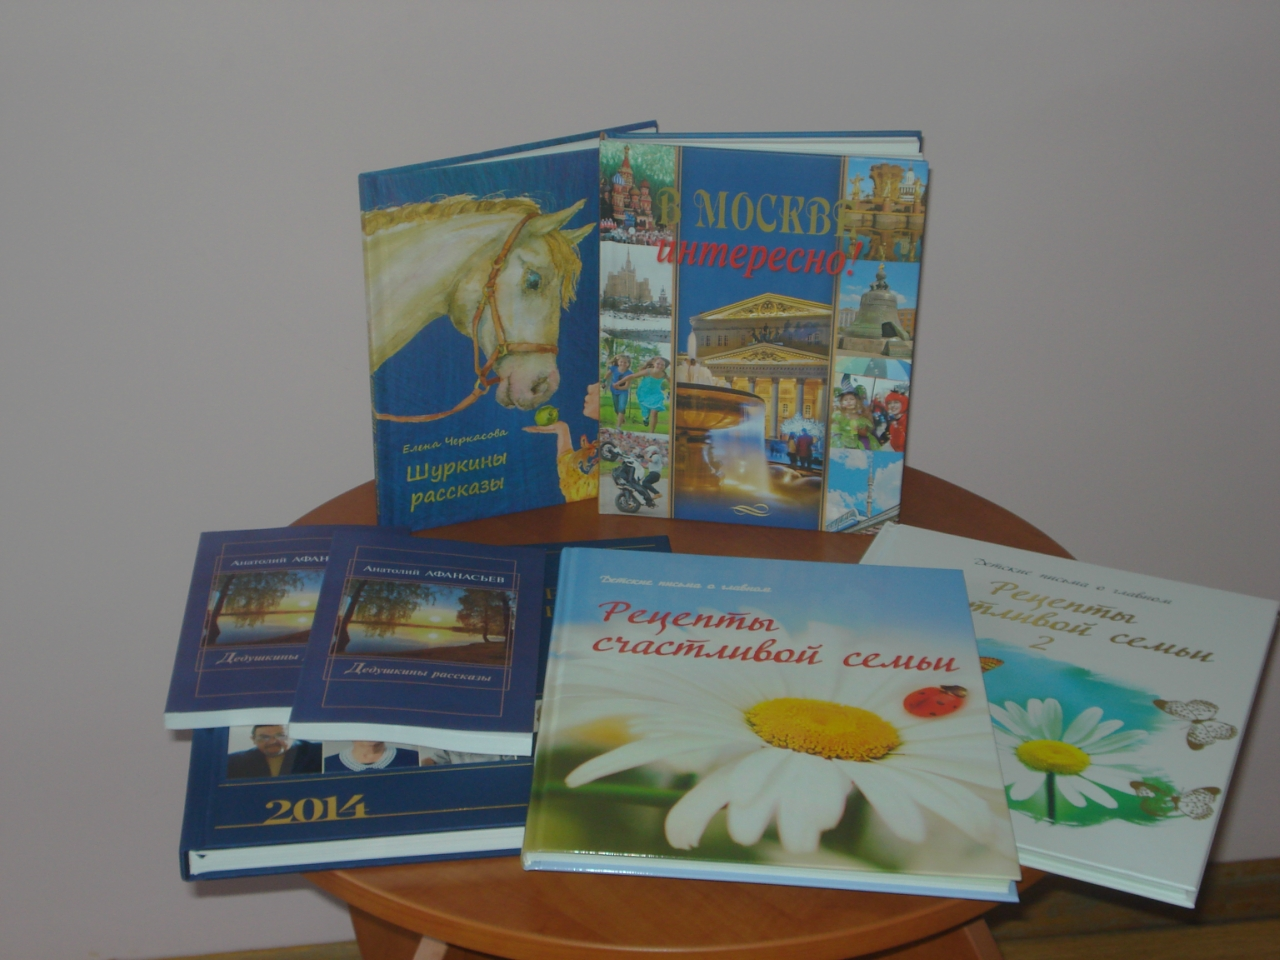 краеведение,донецкая республиканская библиотека для детей,отдел справочно-библиографического и информационного обслуживания,писатели донецка